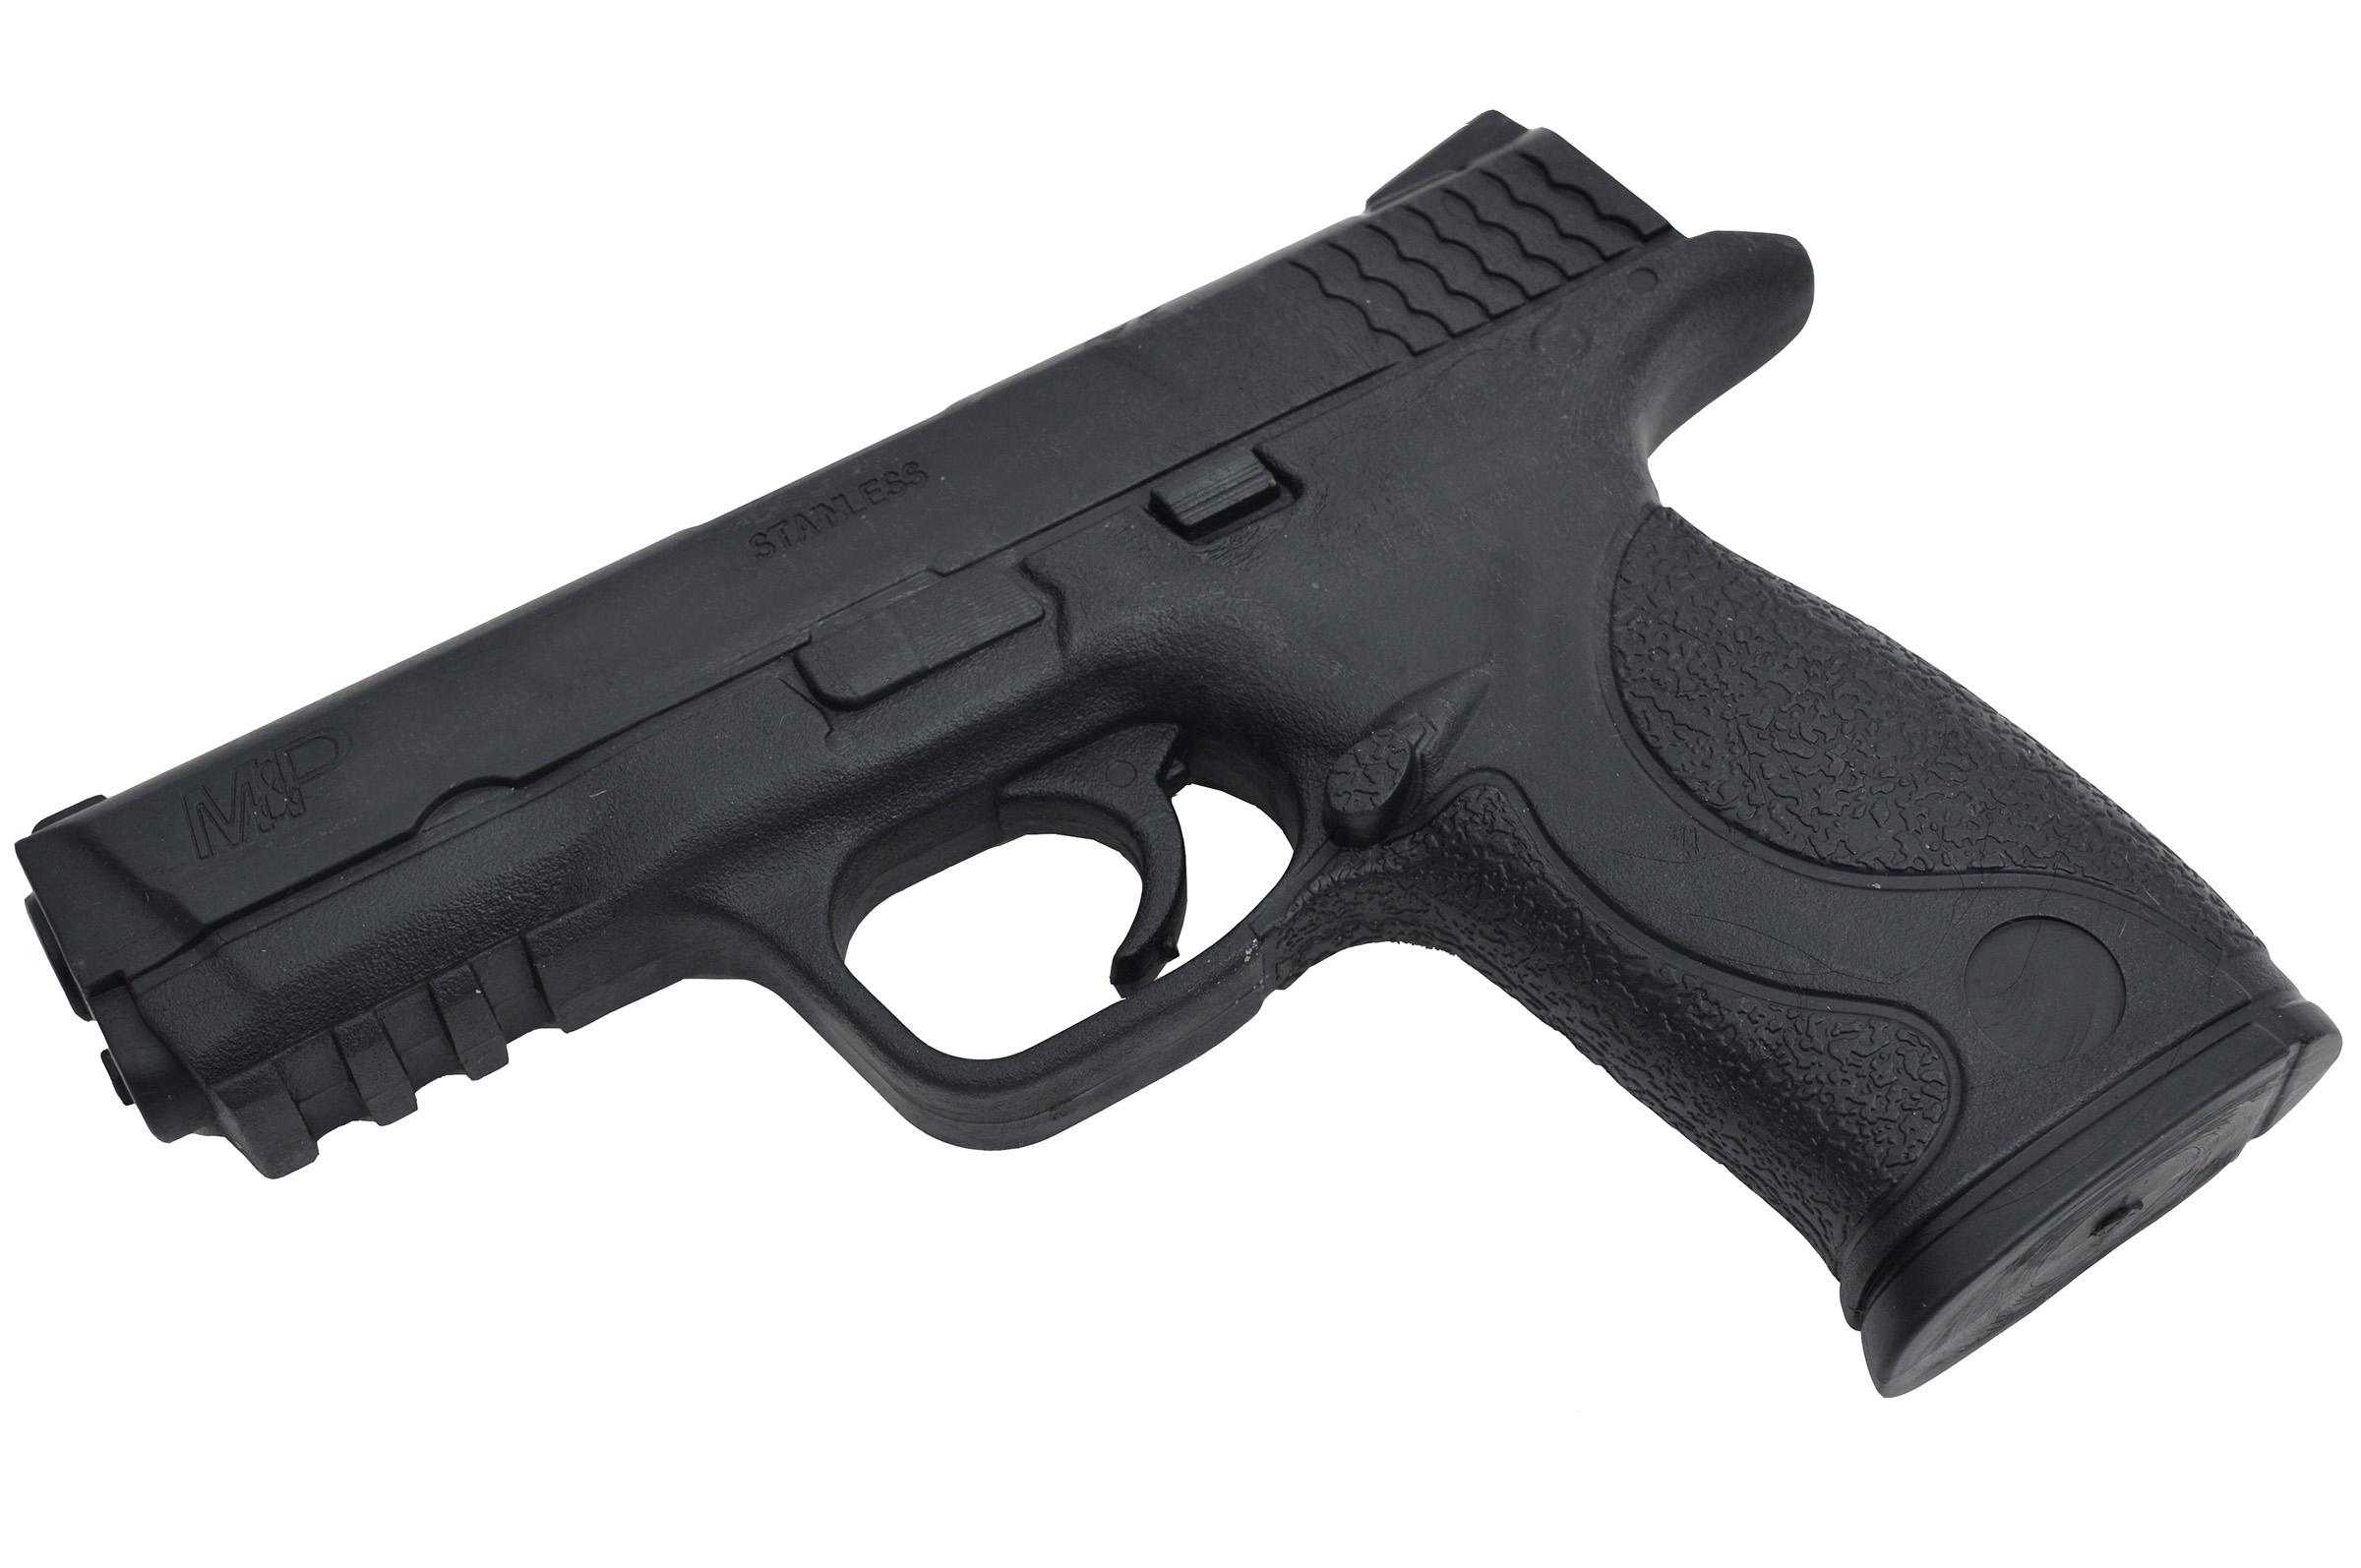 Pistolet Caoutchouc, Glock, Metal Boxe ARE403